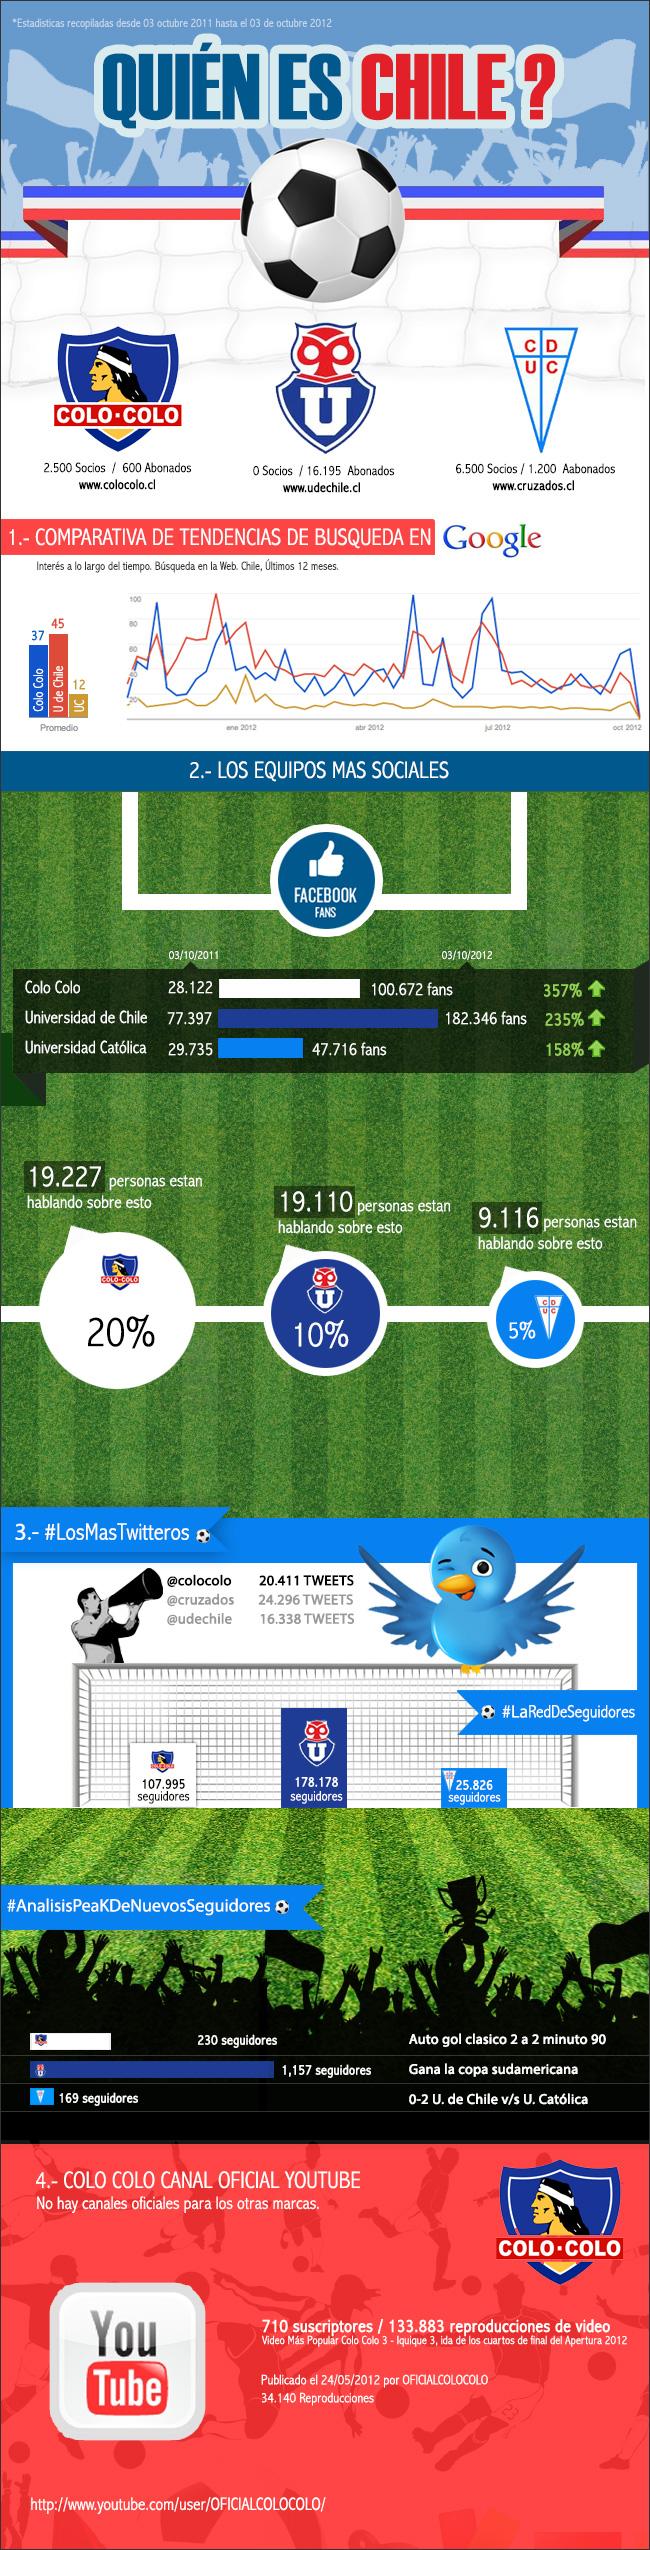 Fútbol chileno en Redes Sociales